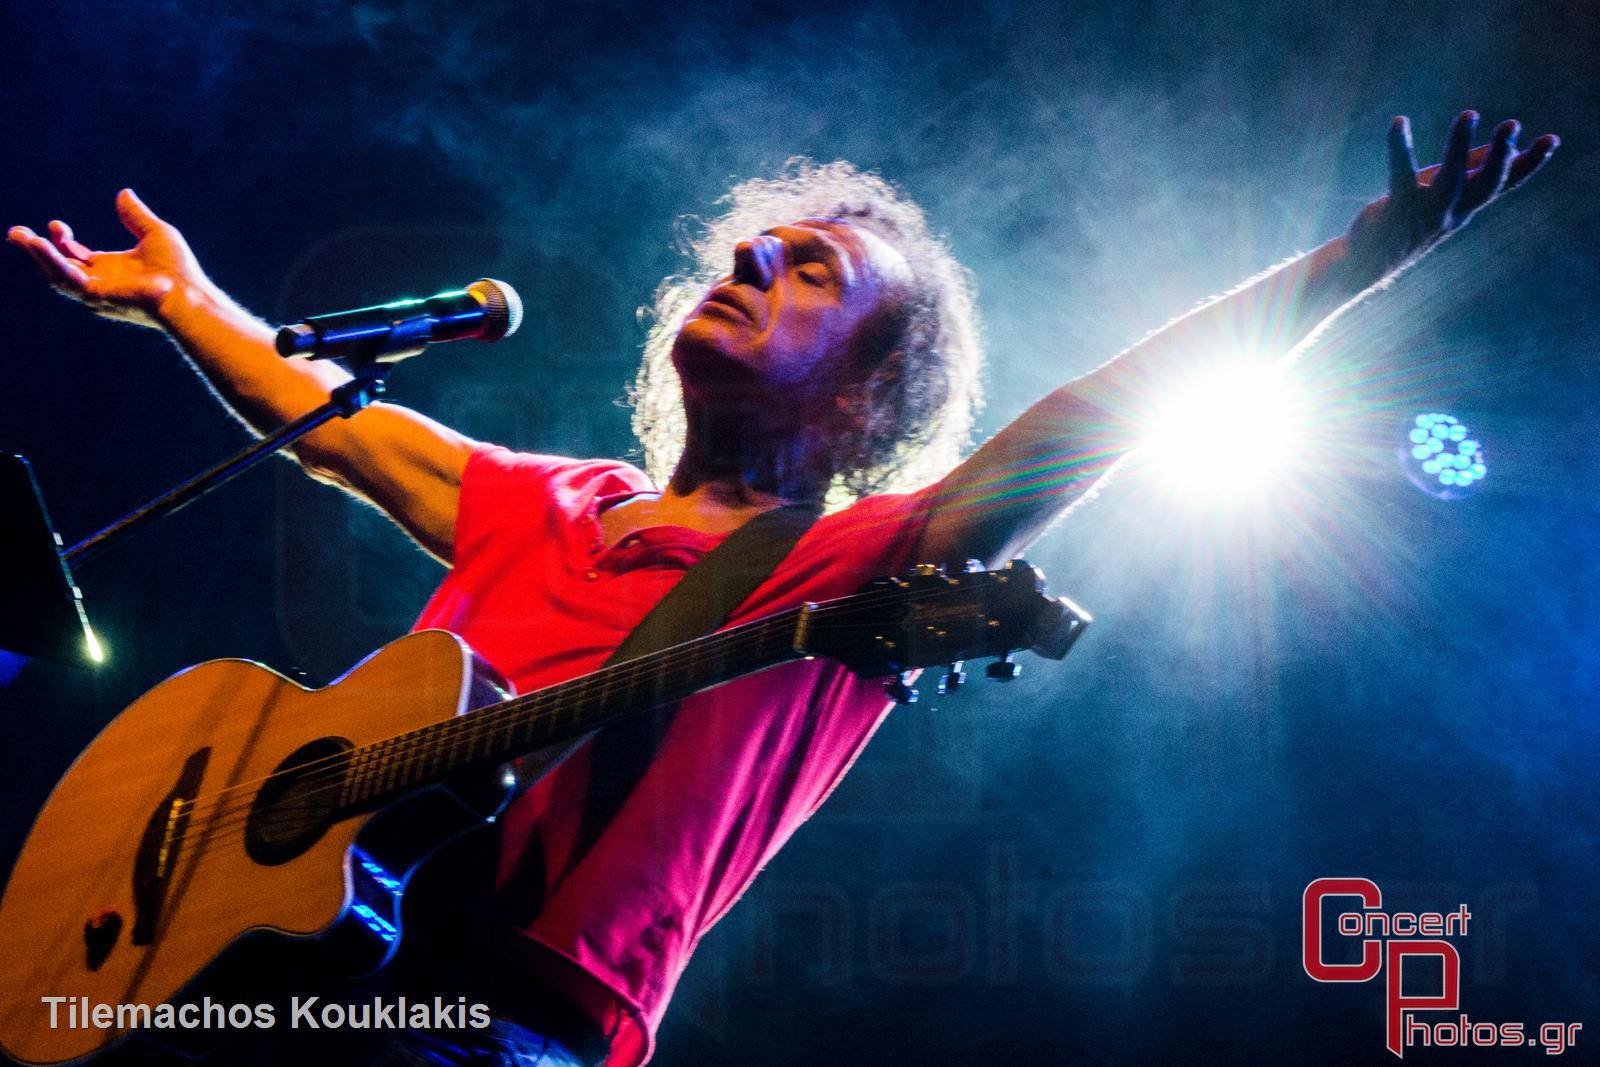 Βασίλης Παπακωνσταντίνου - 40 Χρόνια Έφηβος-Vasilis Papakonstantinou 40 Chronia Efivos photographer: Tilemachos Kouklakis - concertphotos_-4477